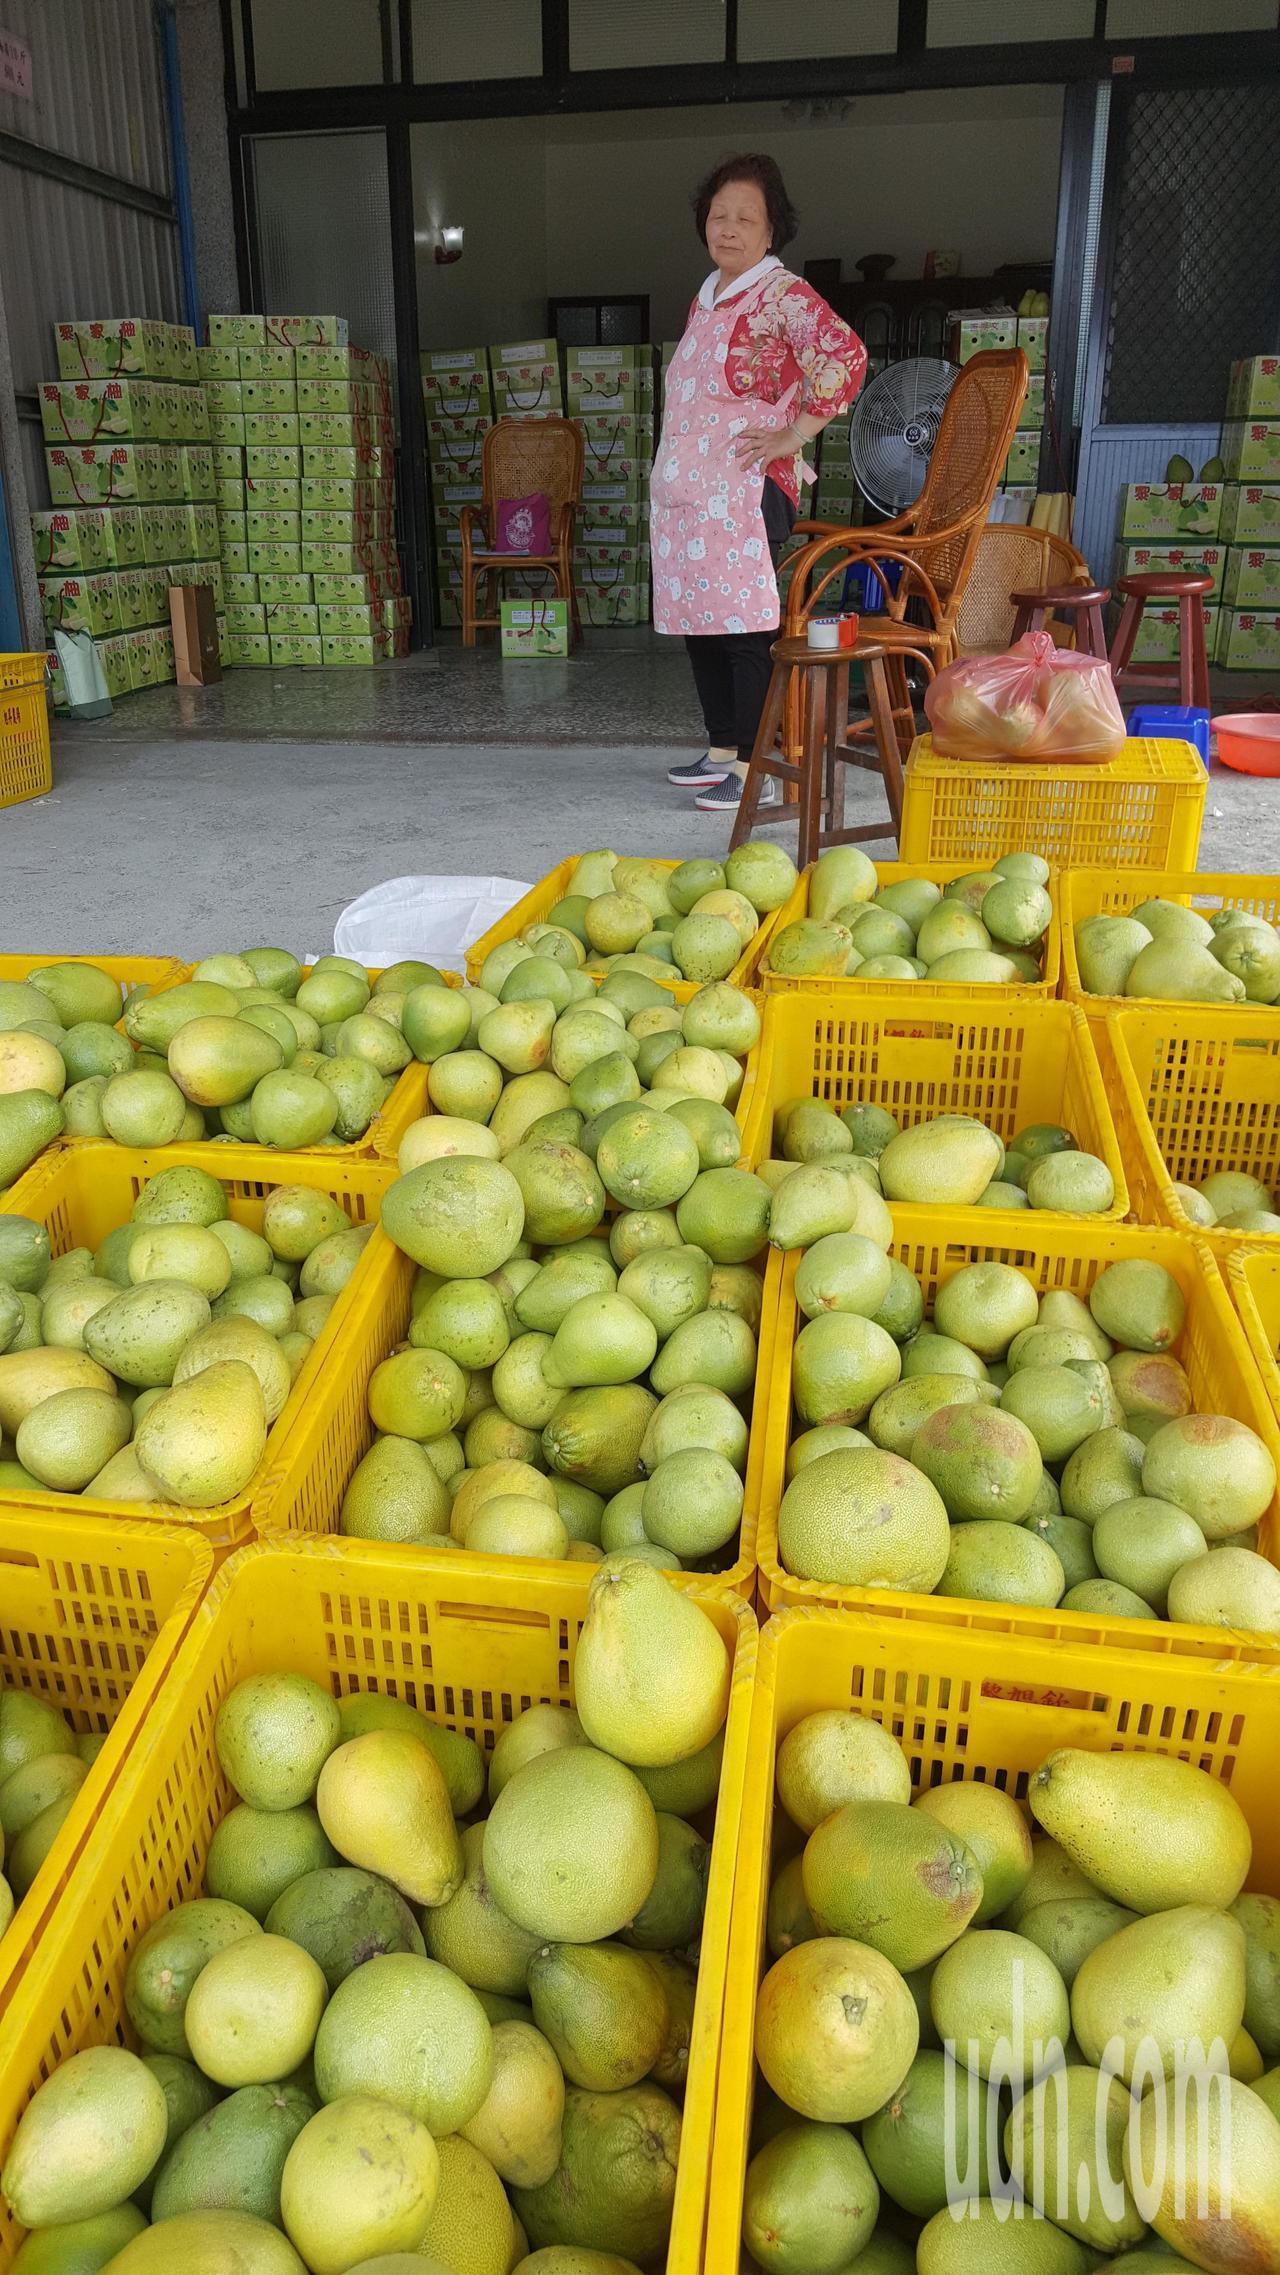 苗栗縣西湖鄉文旦柚今年豐收且品質佳,連日來各果園忙著出貨。記者胡蓬生/攝影